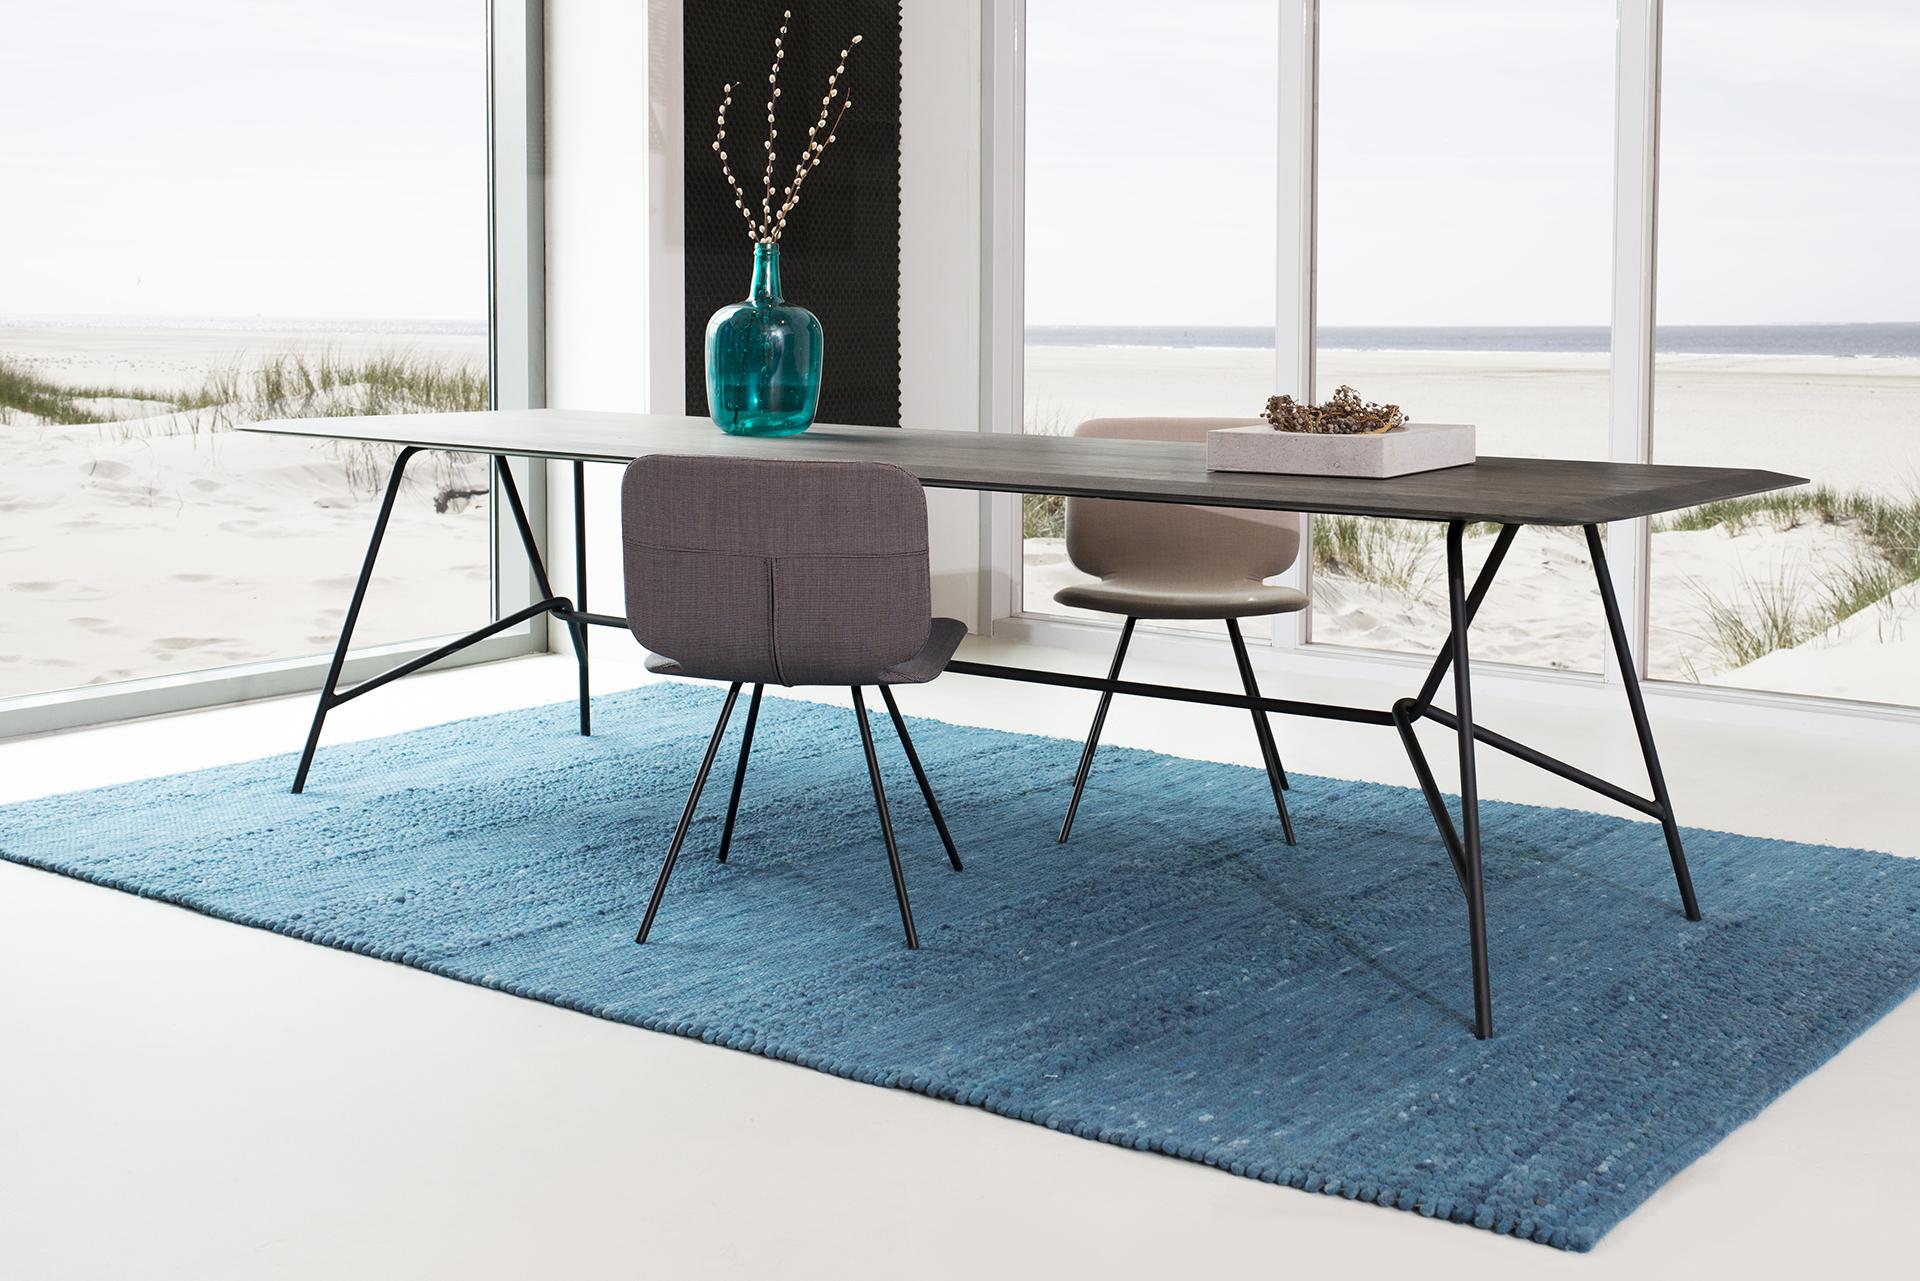 Moderne Eettafel Hout.Design Eettafel Air L Peter Van De Water L Odesi Your Dutch Design